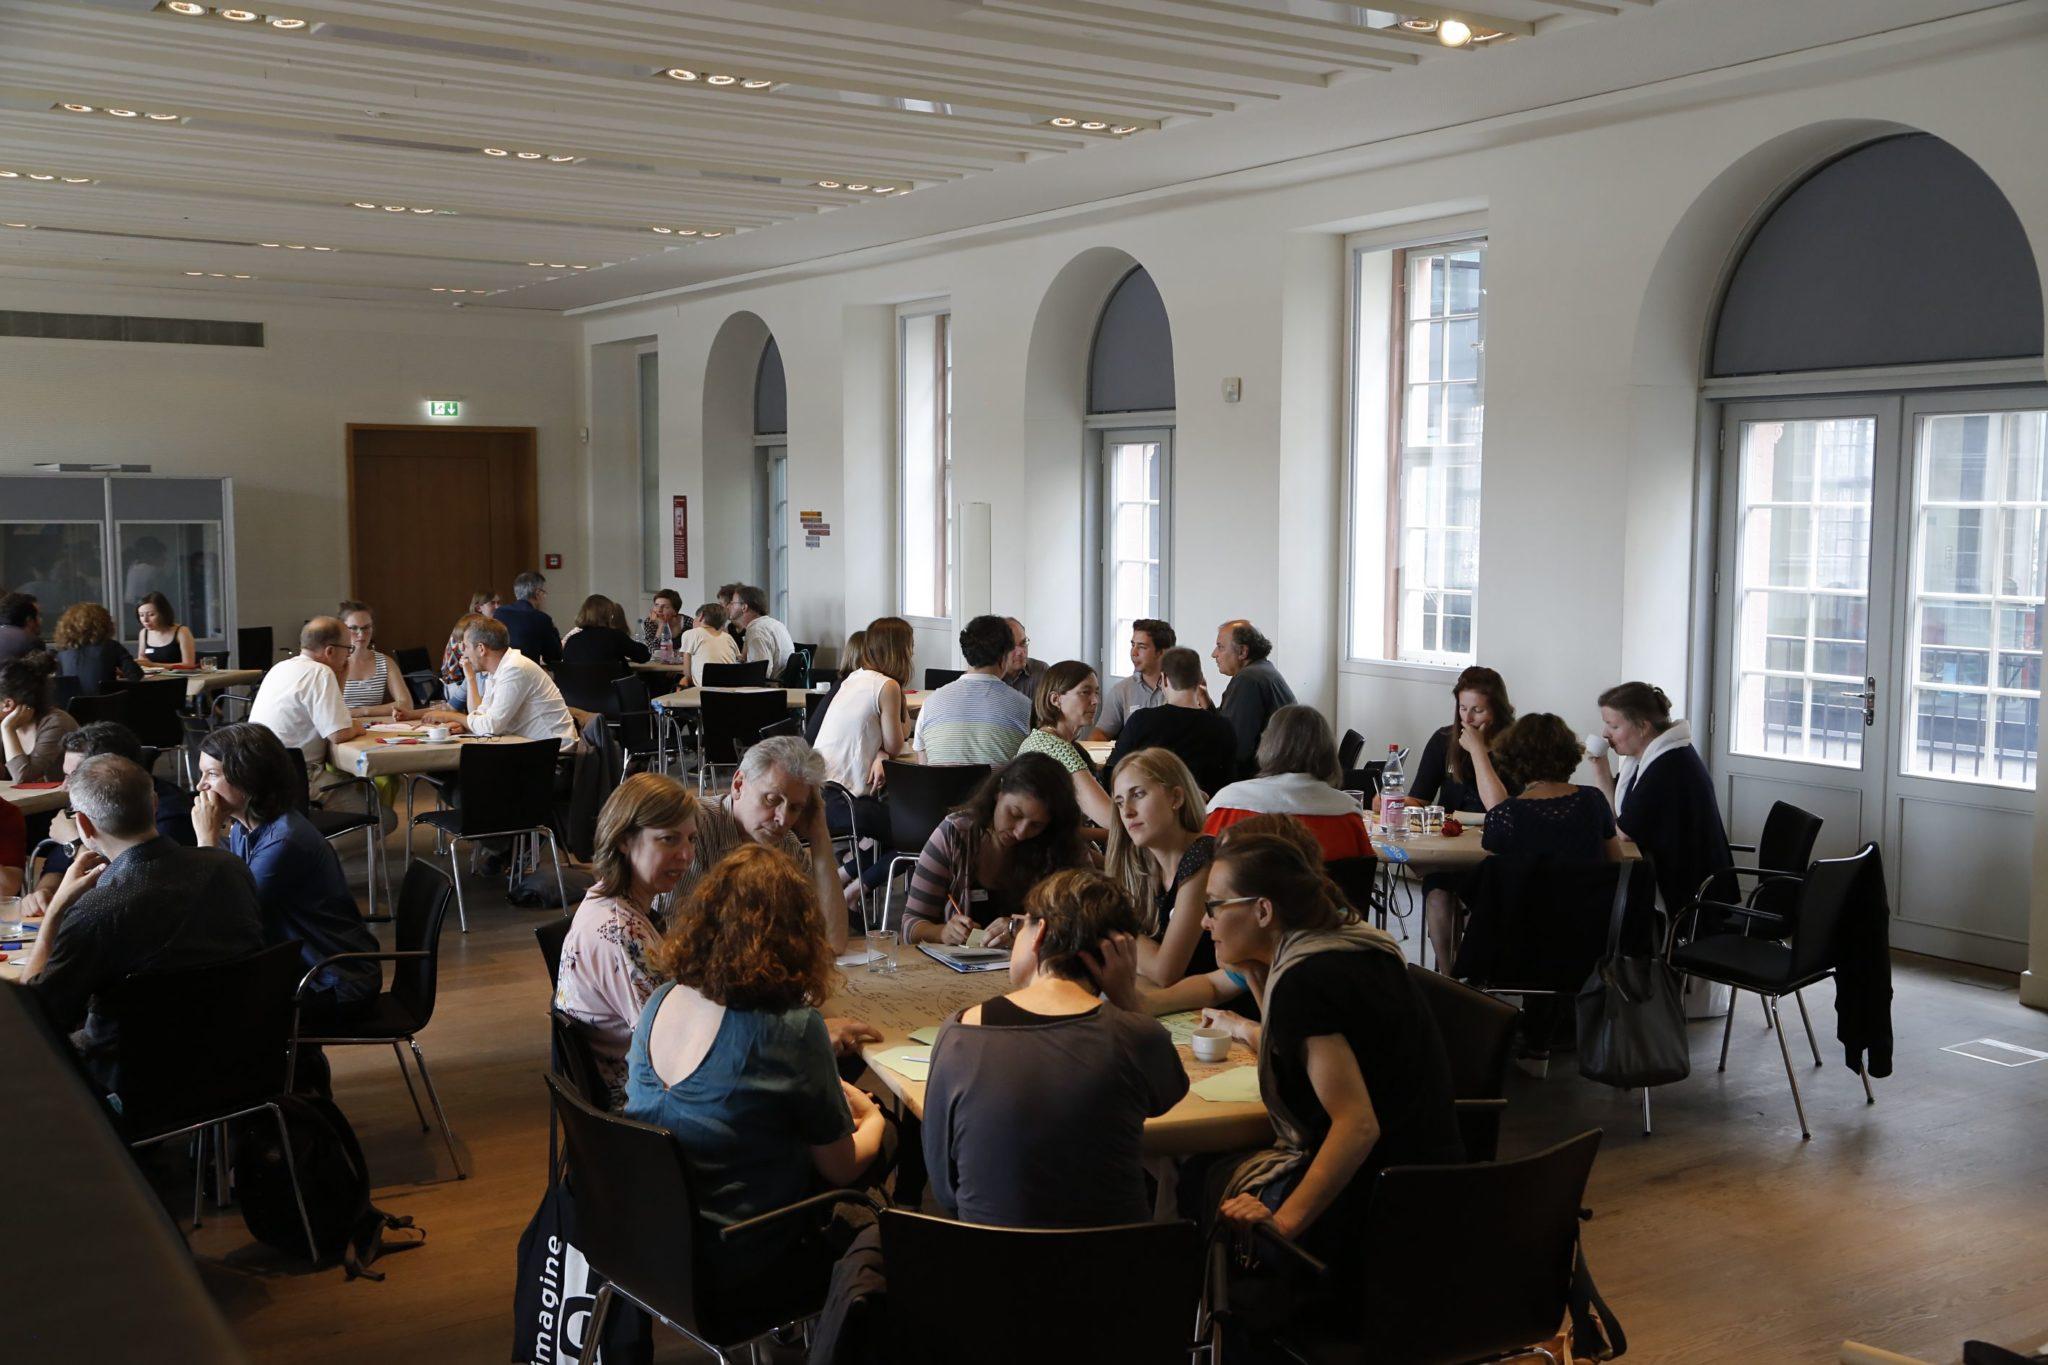 historisches museum frankfurt: the subjective Museum?